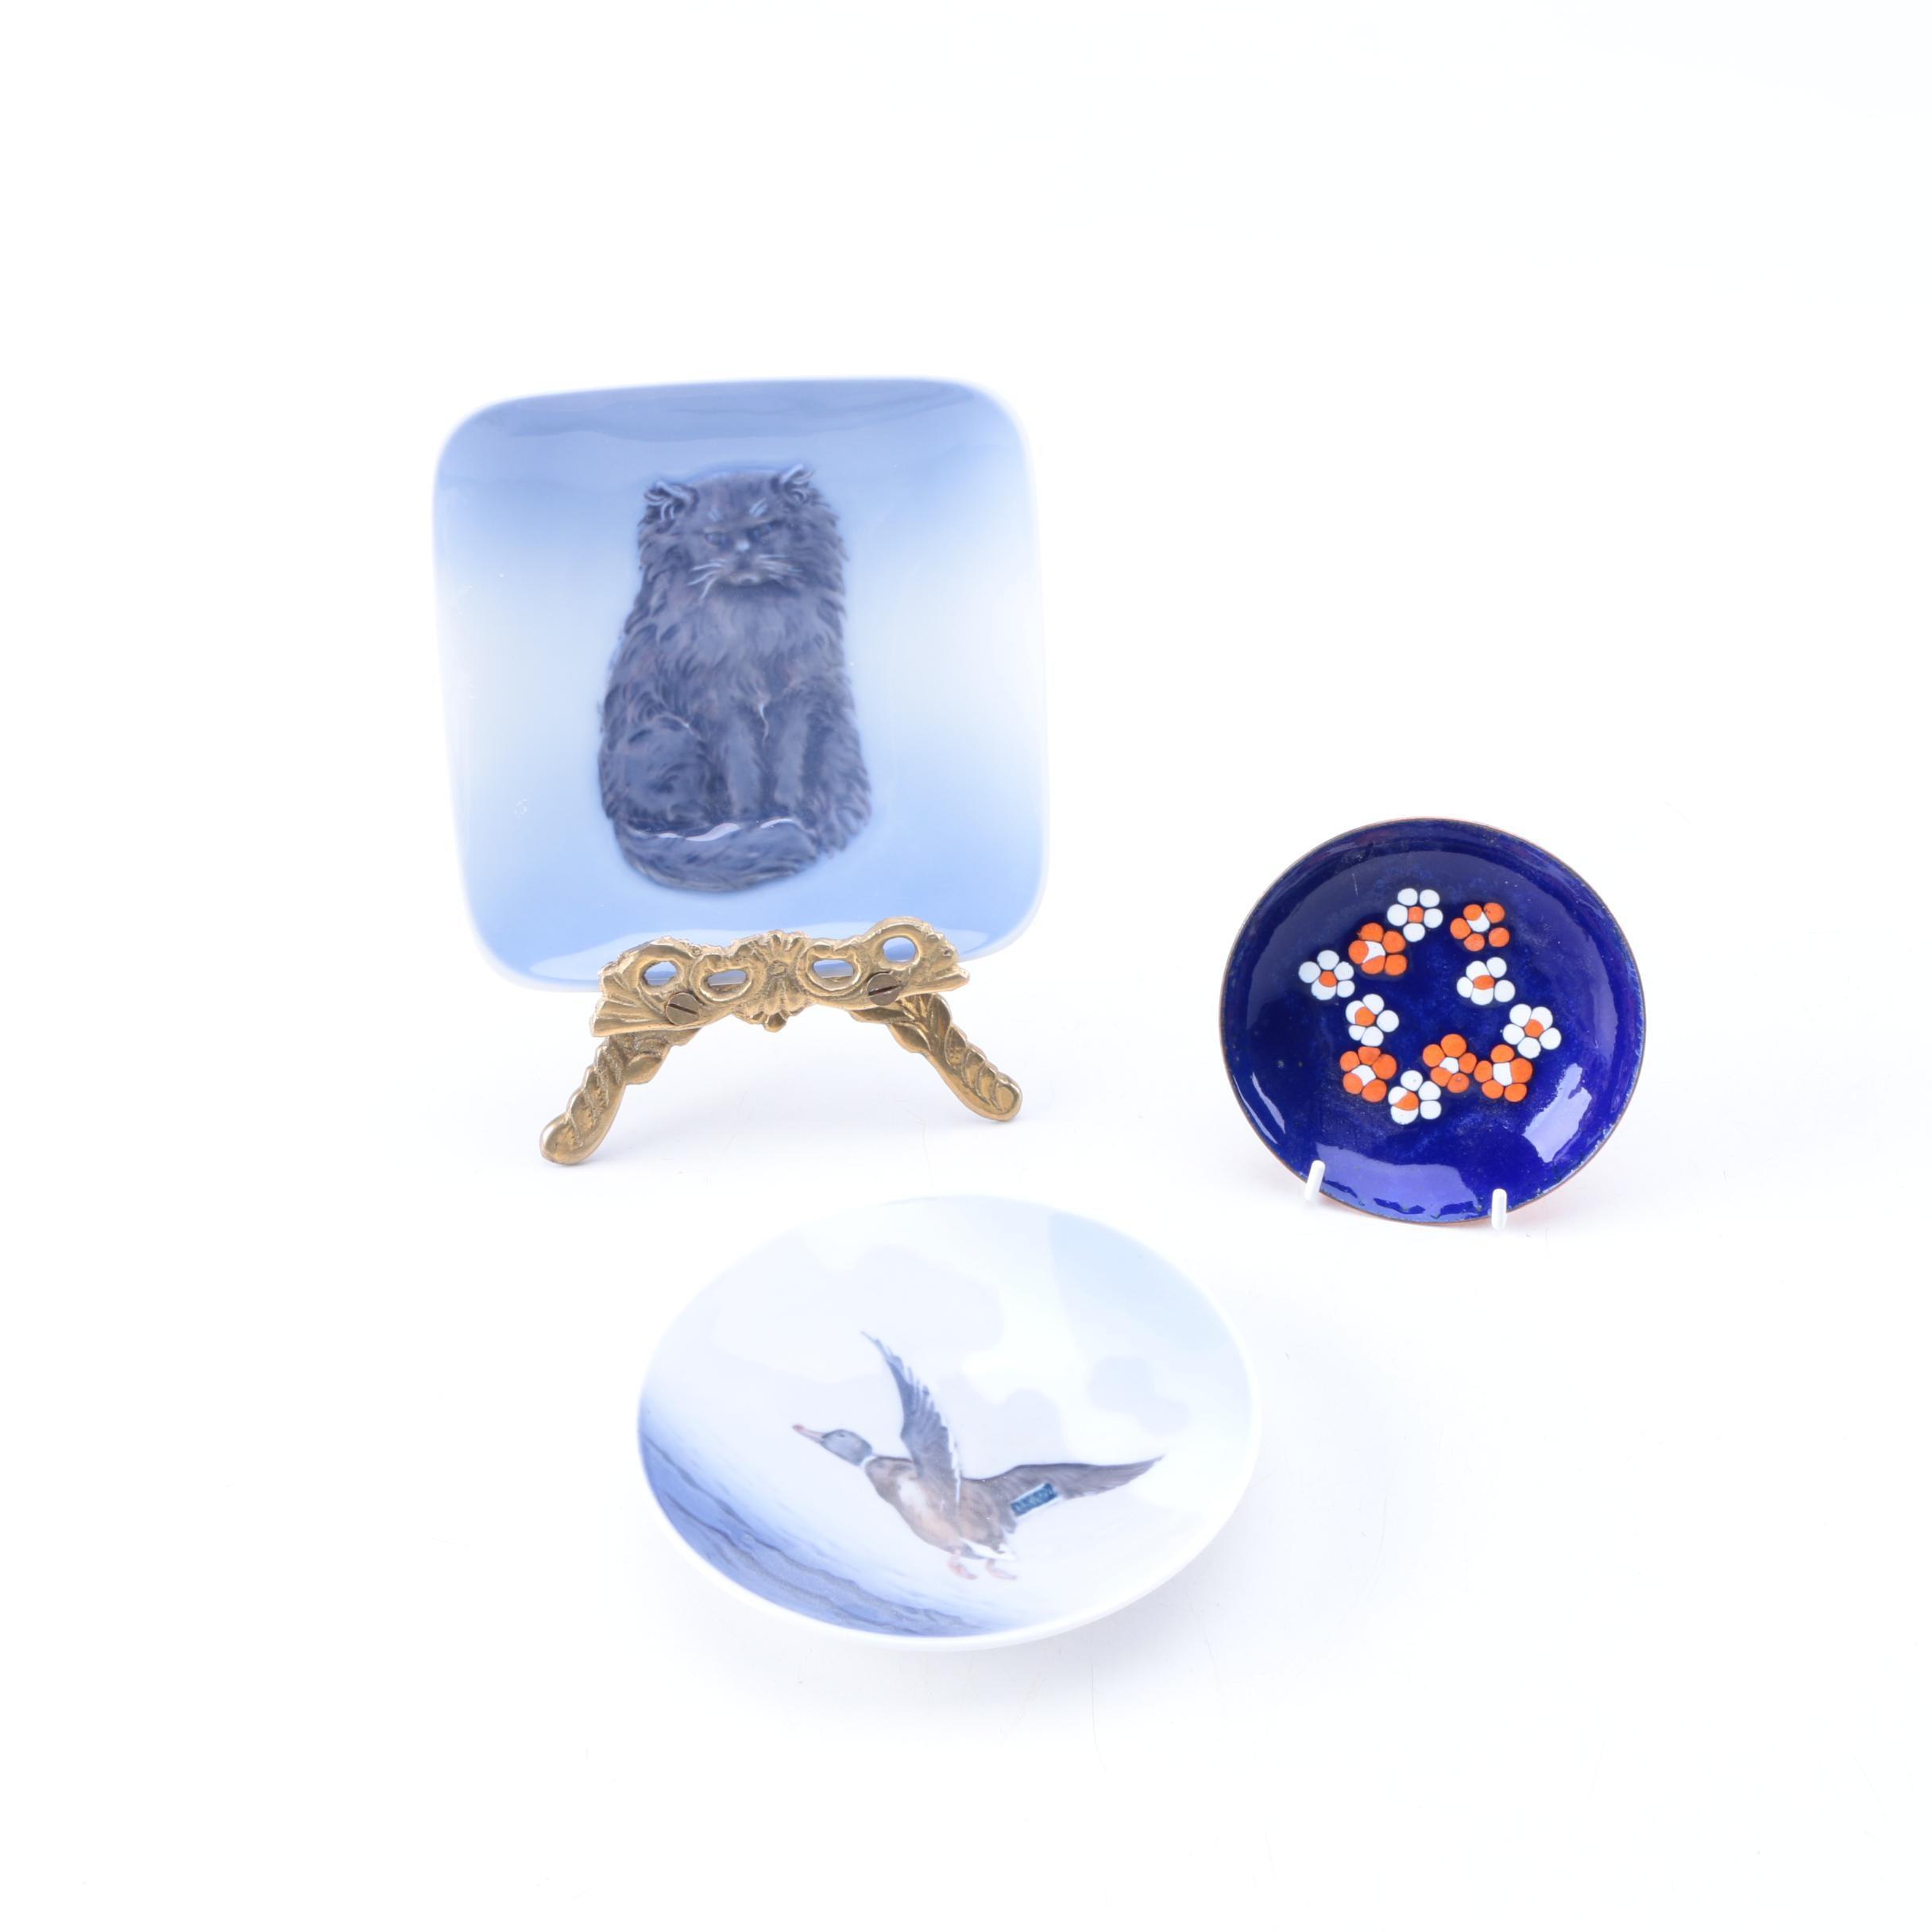 Ceramic and Metal Decor including Royal Copenhagen